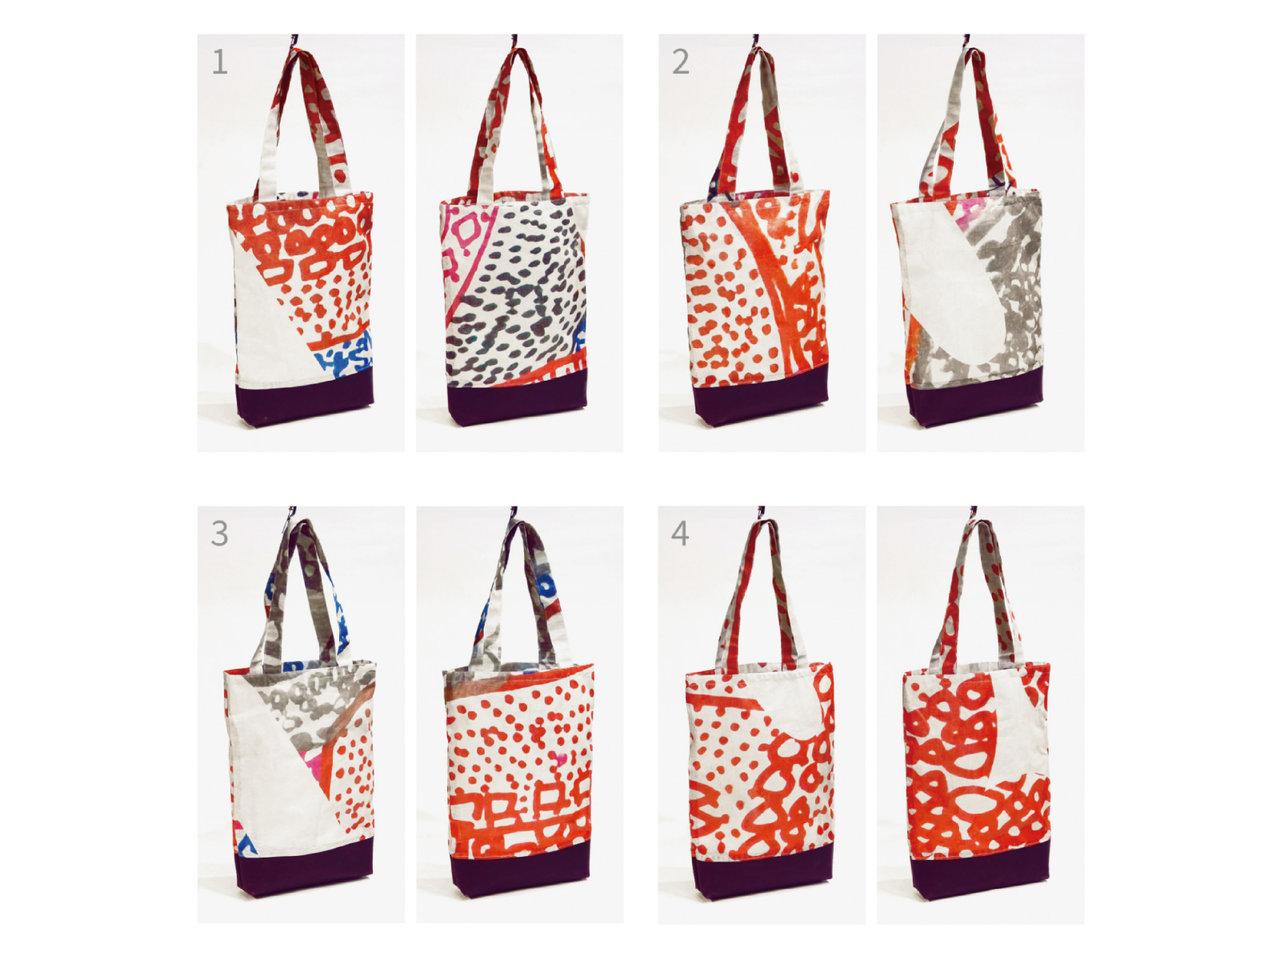 数量限定。アップサイクル『アートトートバッグ』が渋谷区のふるさと納税返礼品として販売開始。